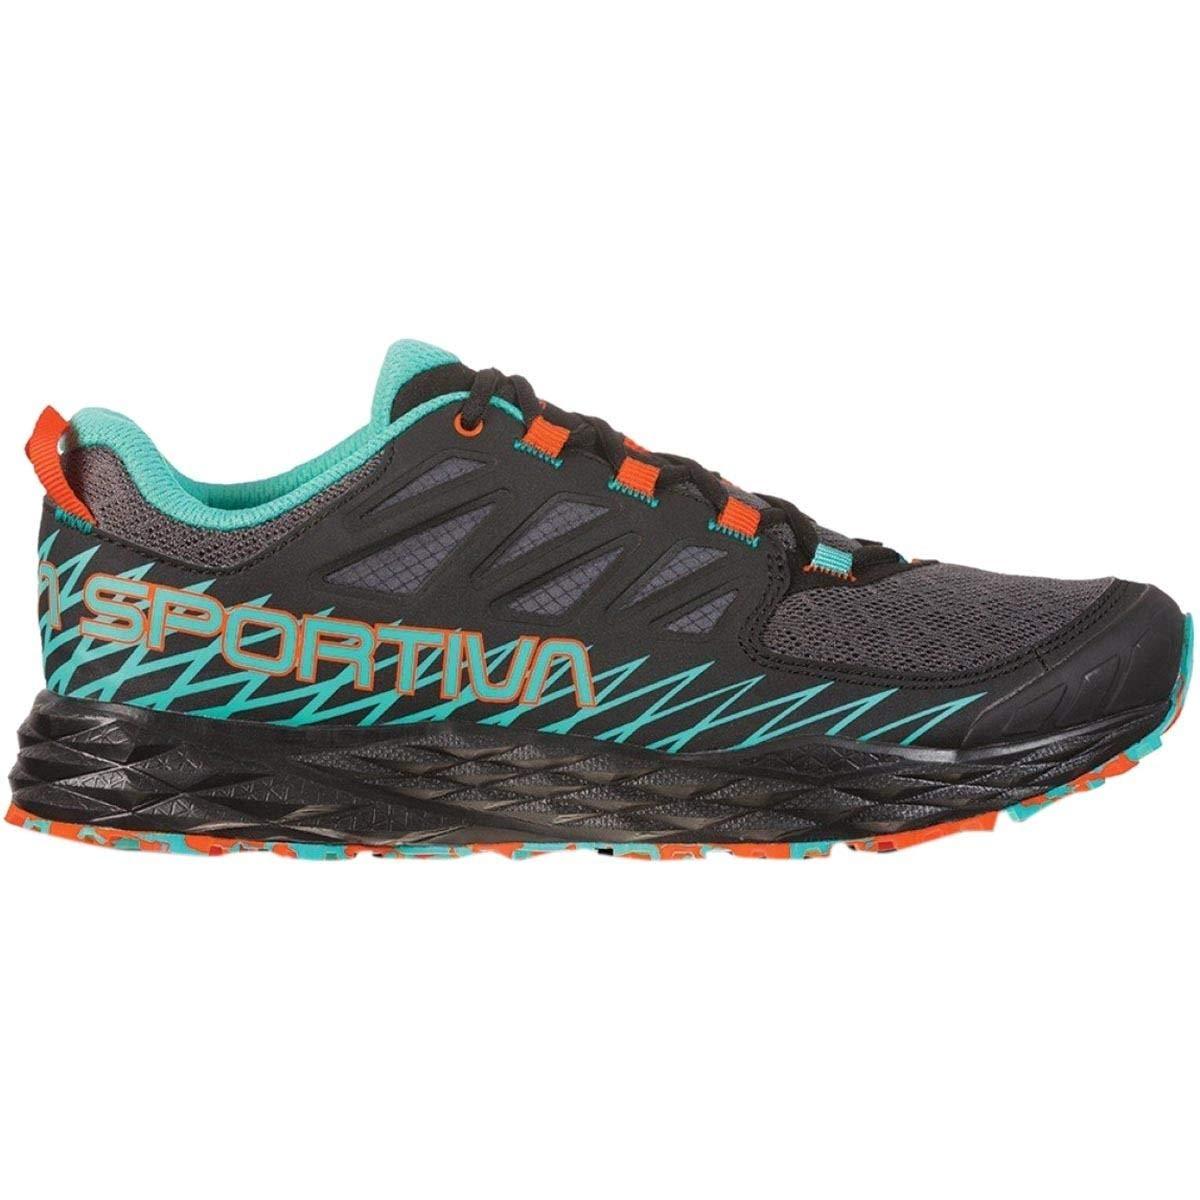 最安 [ラスポルティバ] 36 レディース ランニング Trail Lycan Trail Running Shoe Running [並行輸入品] B07P2VTXCH 36, 丸和商会:96466670 --- shourya.co.in